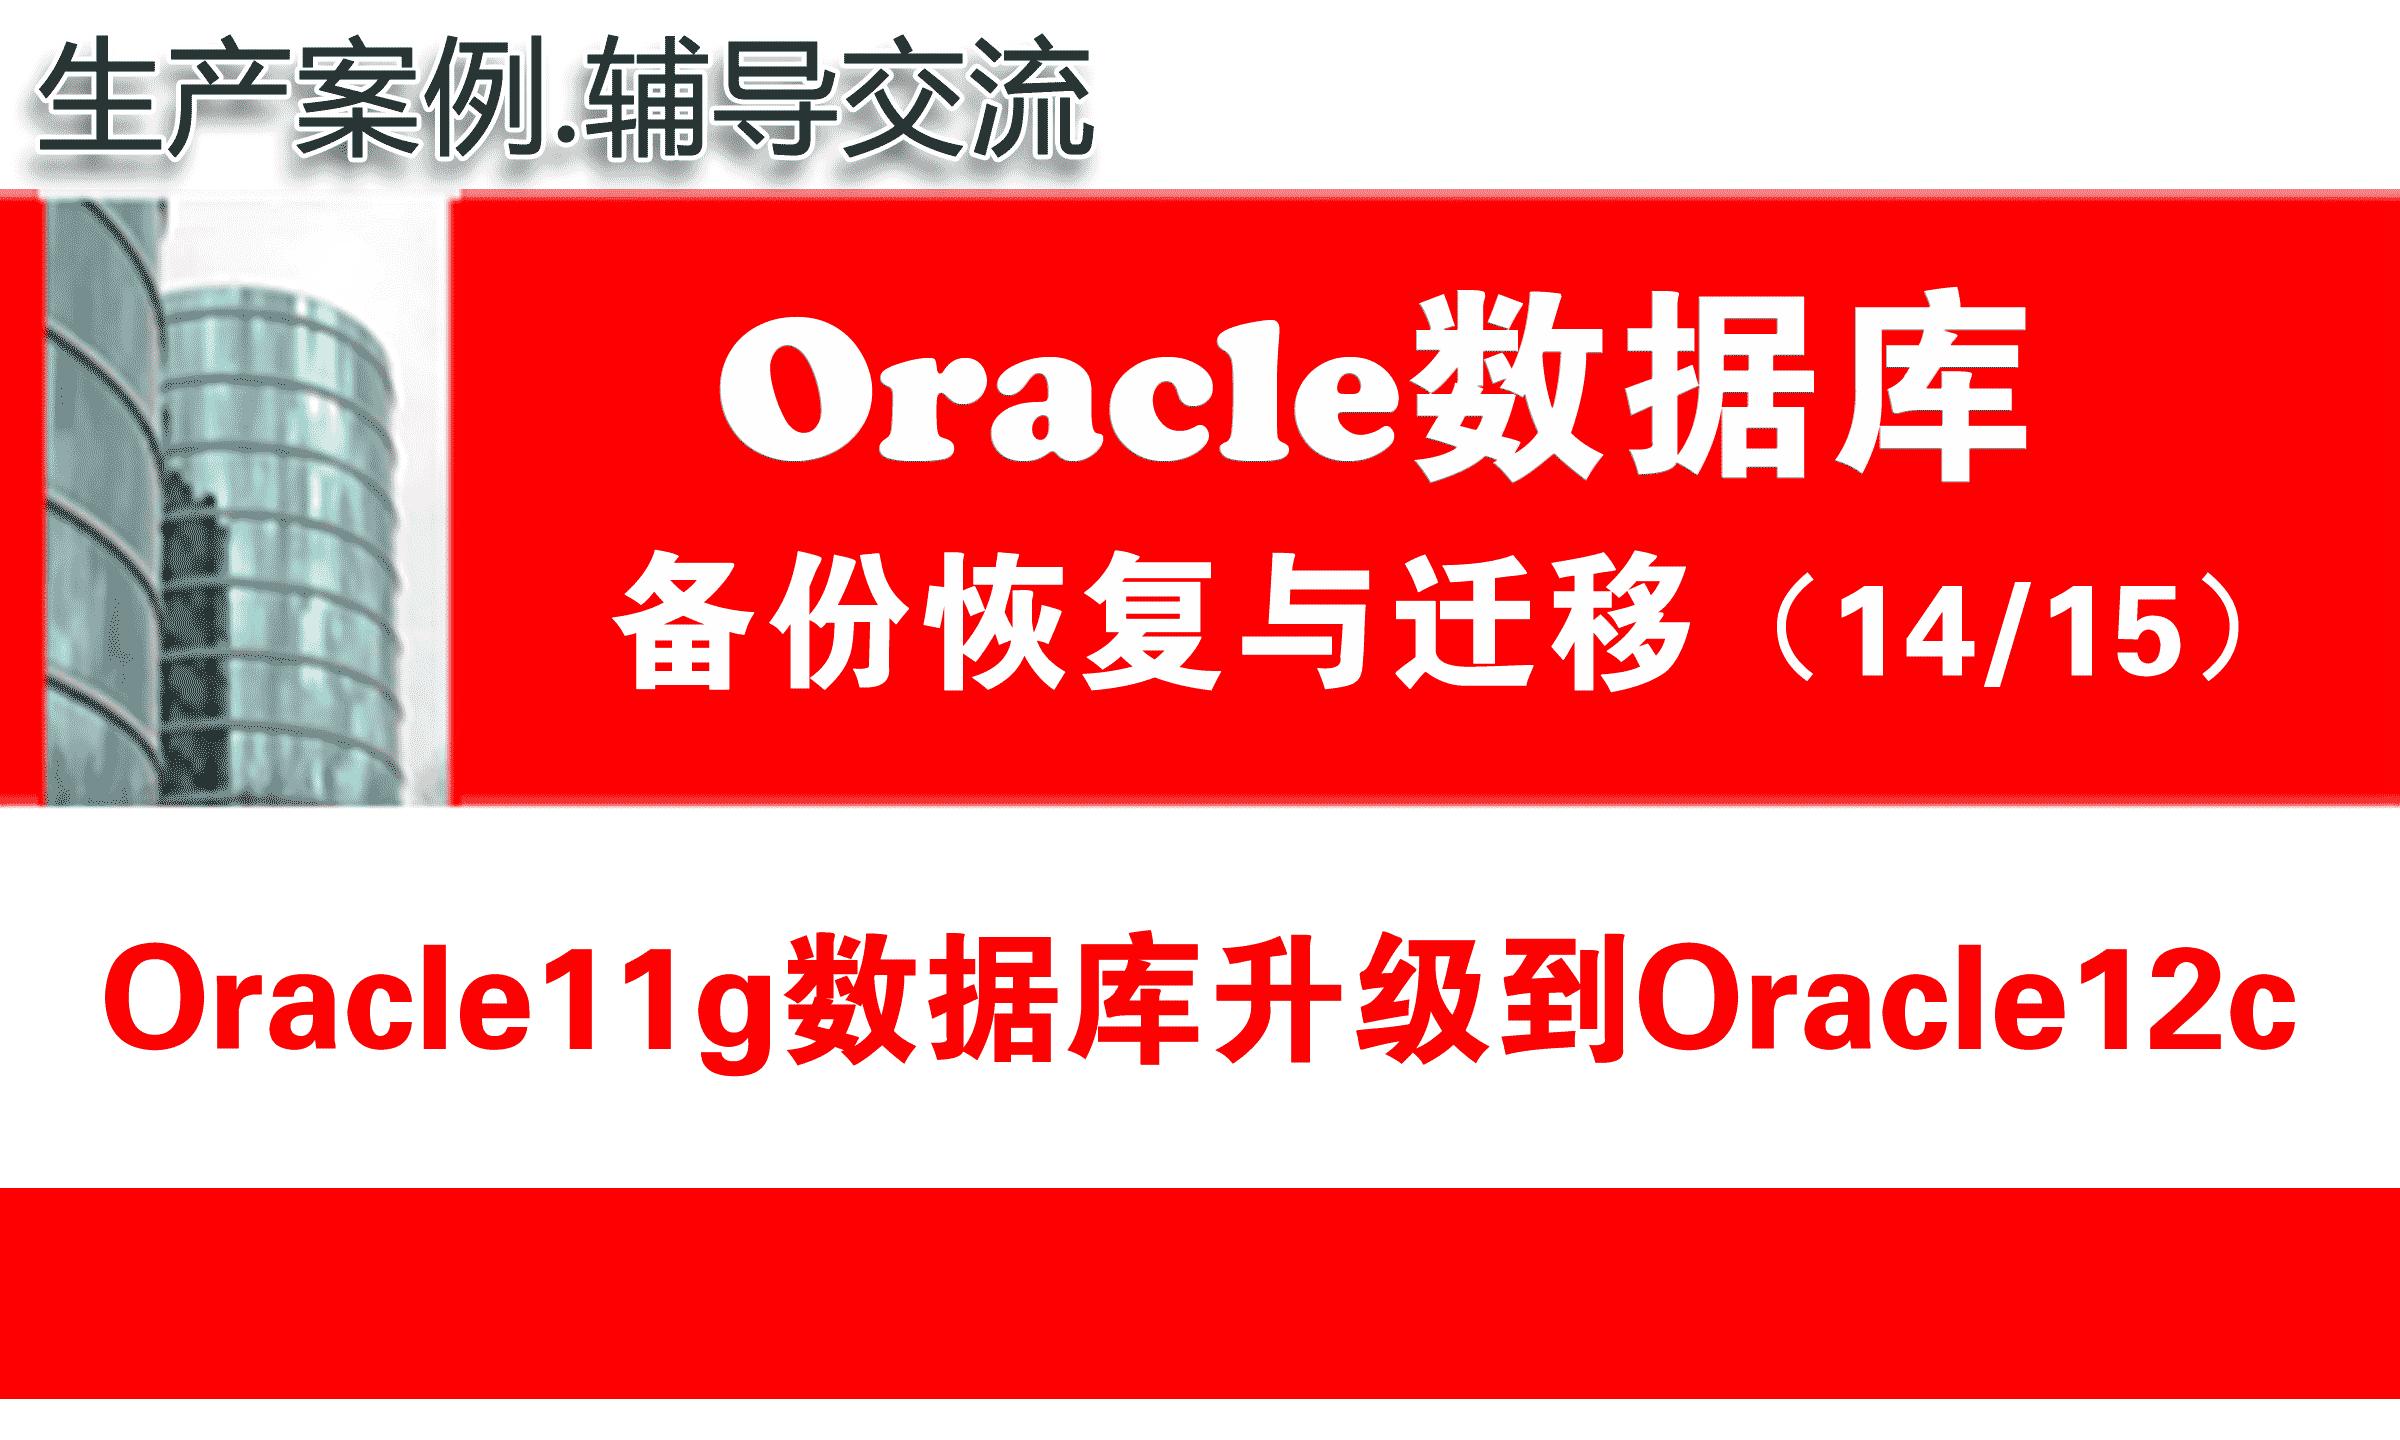 Oracle数据库升级(Oracle 11g to Oracle12c)_Oracle数据库升级项目